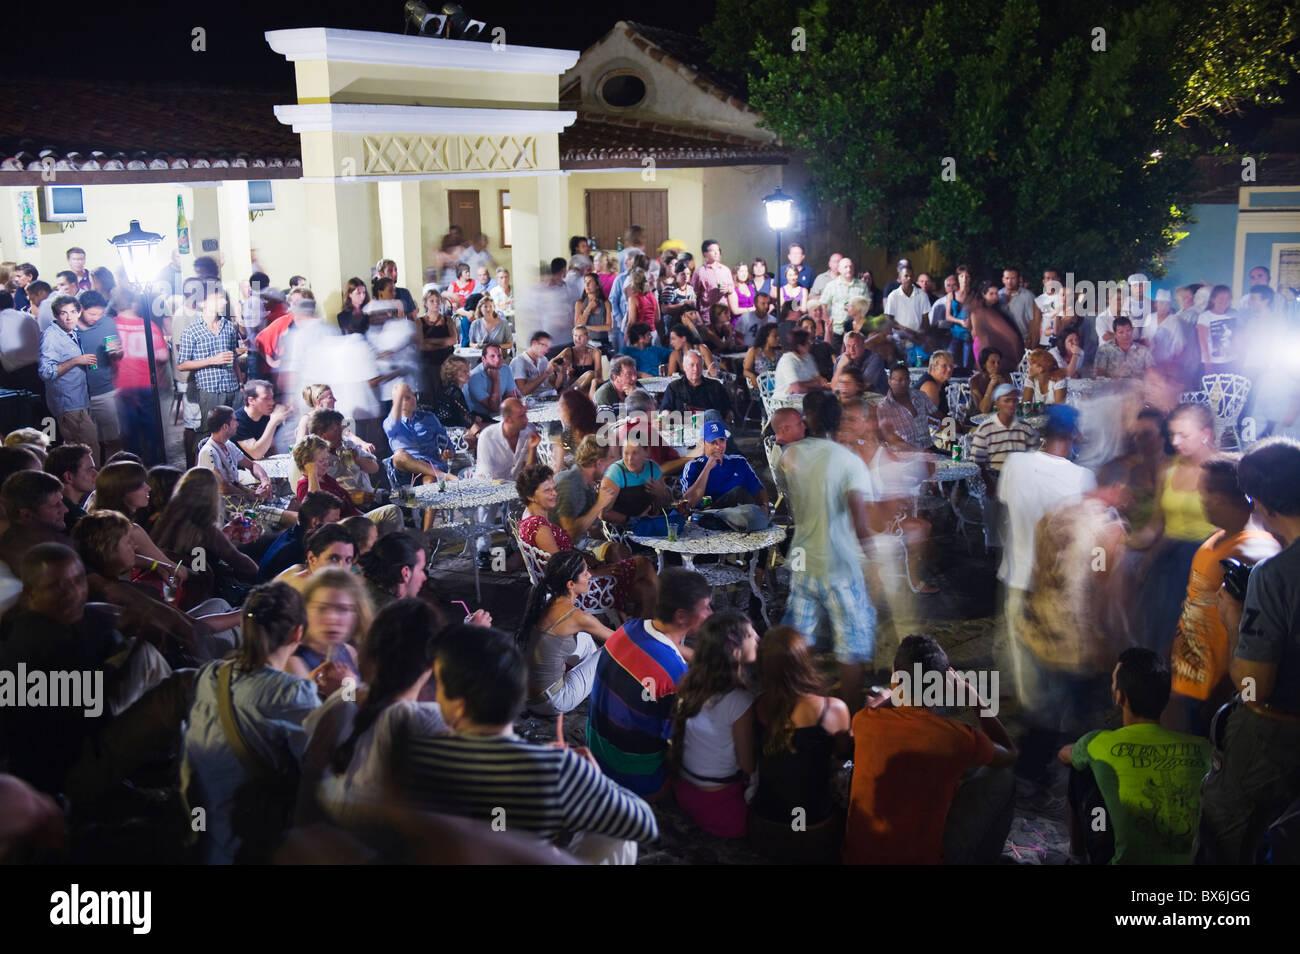 Viendo a la gente pasar música en vivo los pasos en la Casa de la Musica, Trinidad, Sitio del Patrimonio Mundial Imagen De Stock